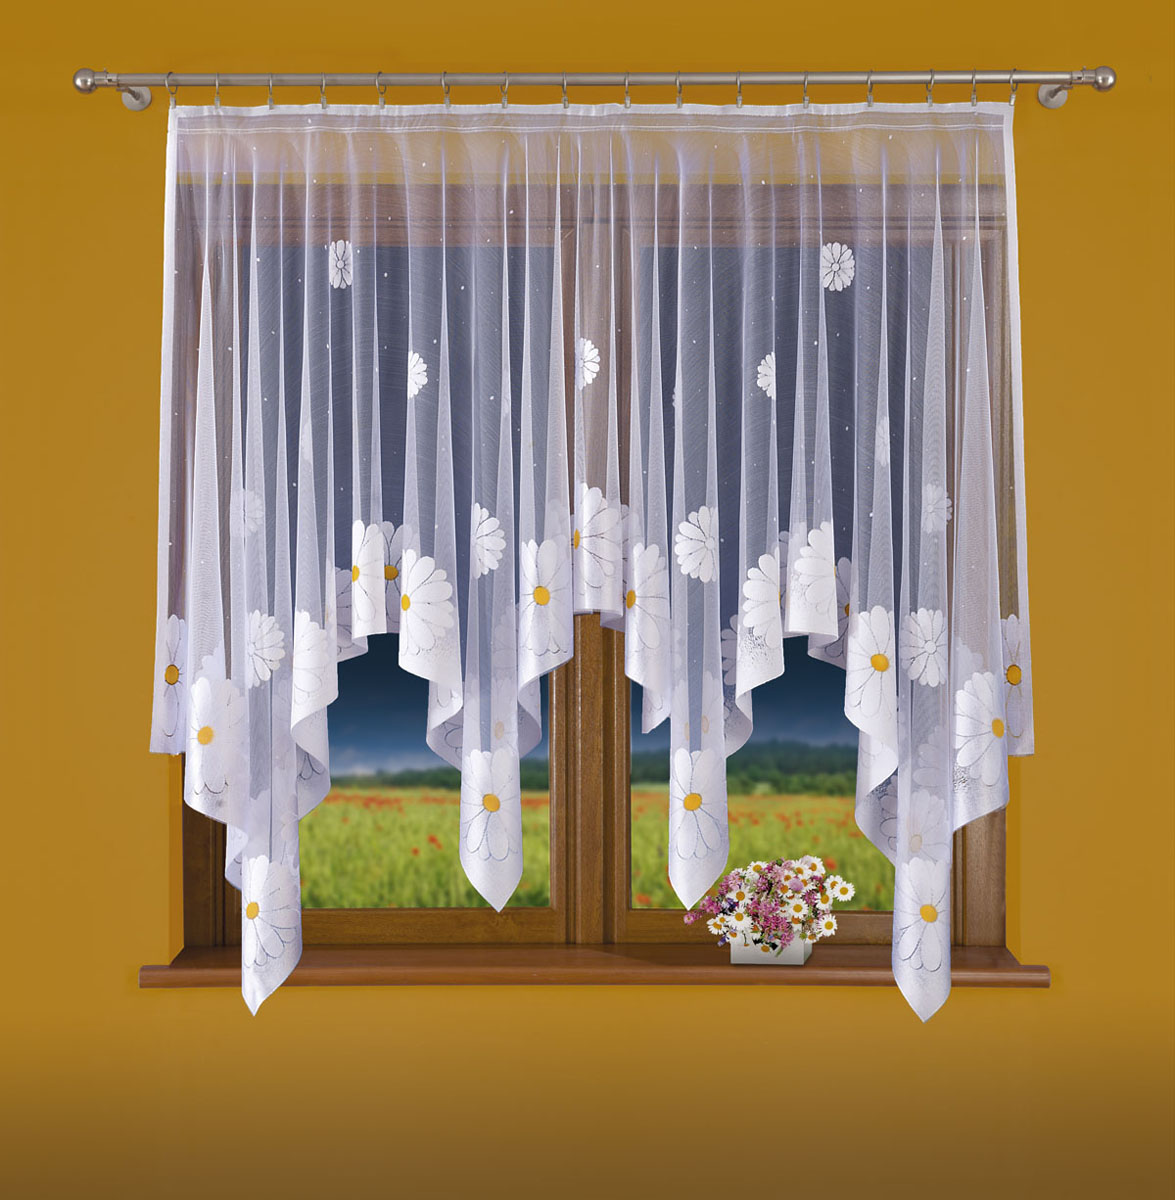 Штора для кухни Wisan, на ленте, цвет: белый, высота 160 см. 696Е696ЕШтора Wisan, выполненная из легкого полупрозрачного полиэстера белого цвета, станет великолепным украшением кухонного окна. Изделие имеет ассиметричную длину и красивый узор в виде ромашек по краю. Качественный материал и оригинальный дизайн привлекут к себе внимание и позволят шторе органично вписаться в интерьер помещения. Штора оснащена шторной лентой под зажимы для крепления на карниз.